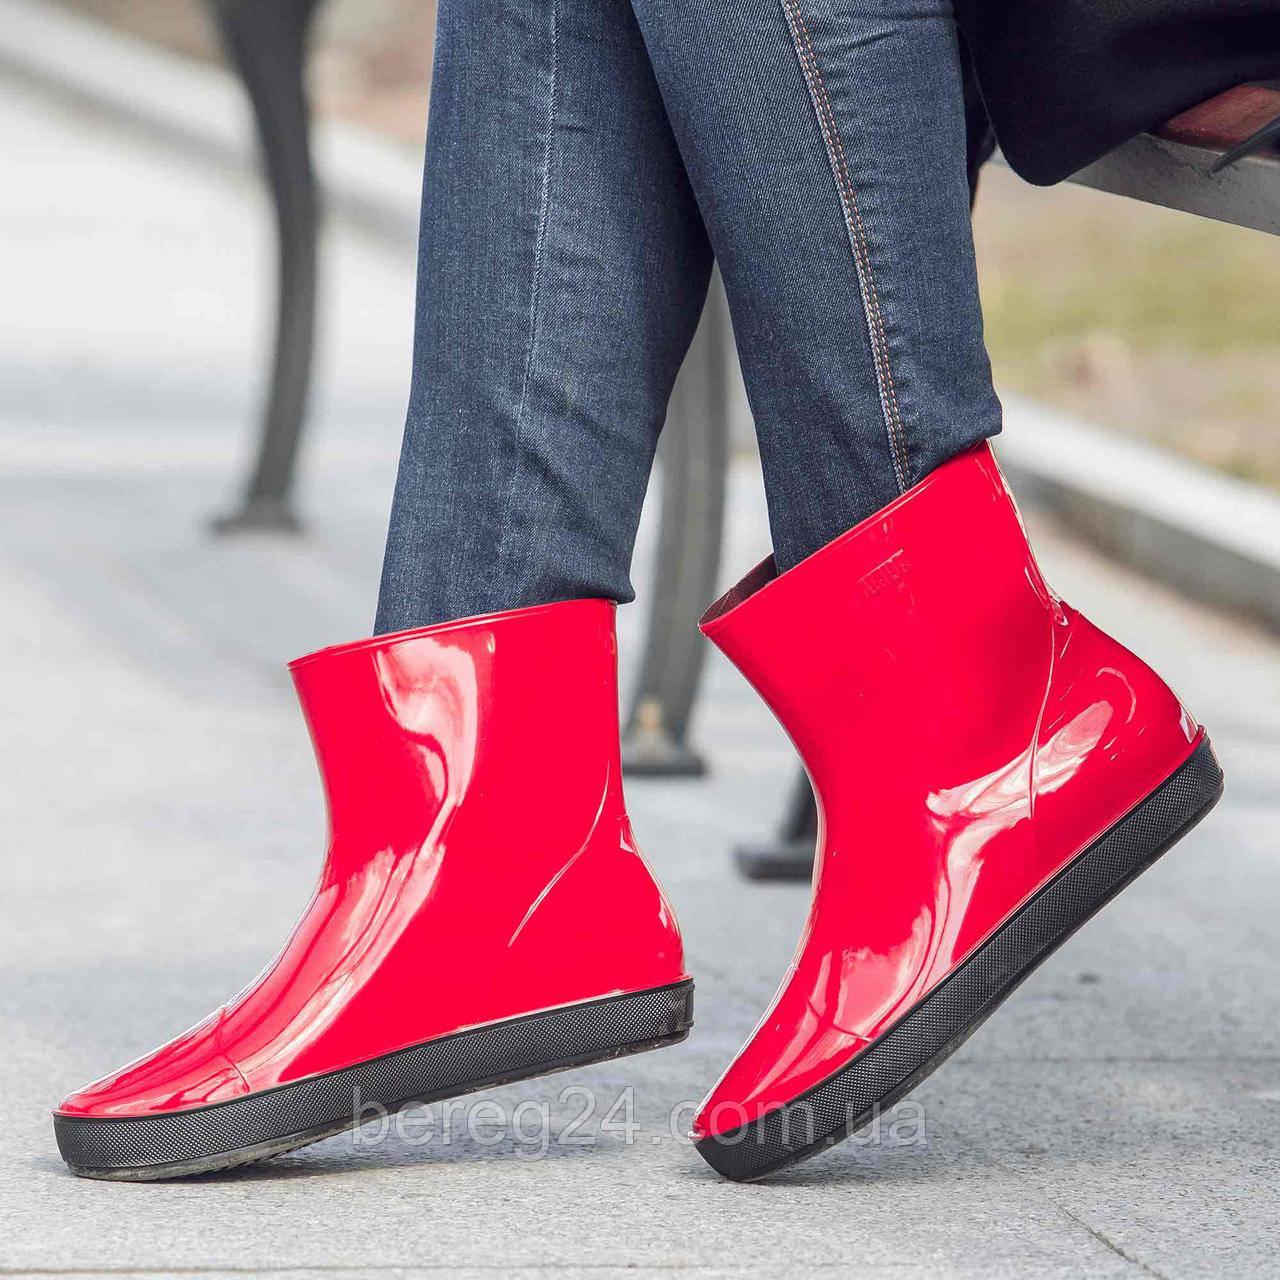 Жіночі гумові чоботи (черевики, ботильйони) Nordman Alida (Аліда) Червоні. Розмір 36